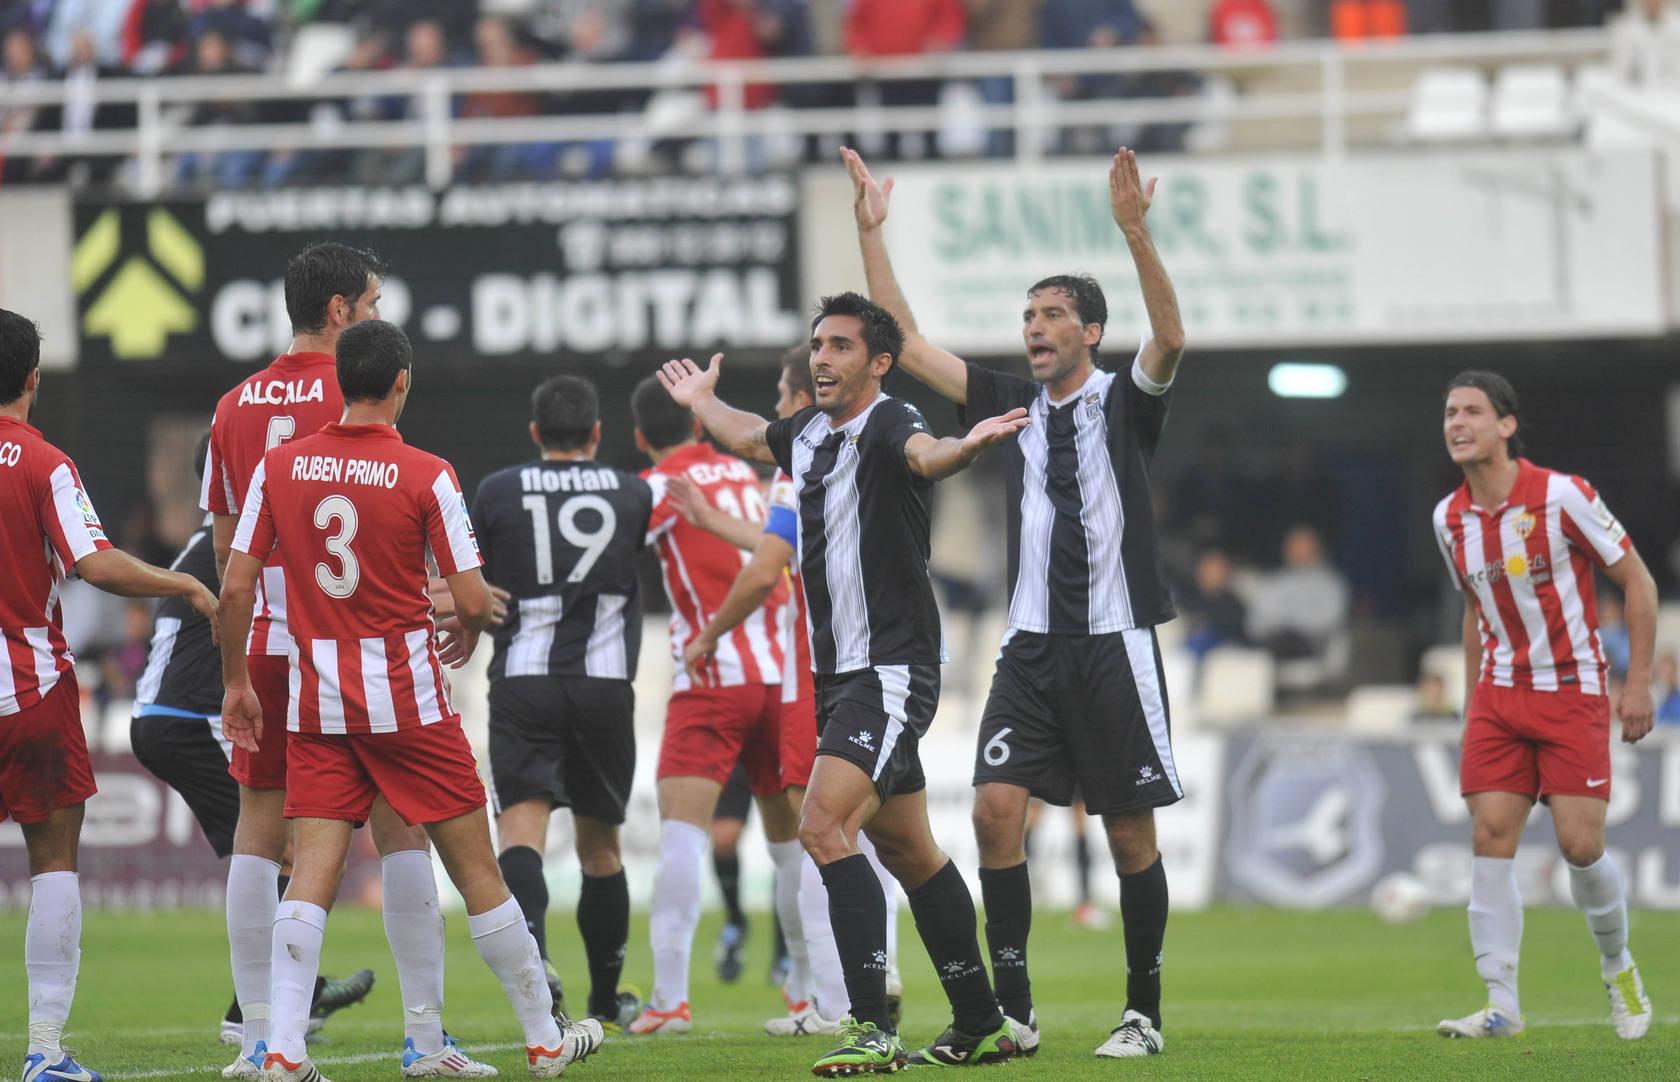 Cartagena-Almería (2-2)